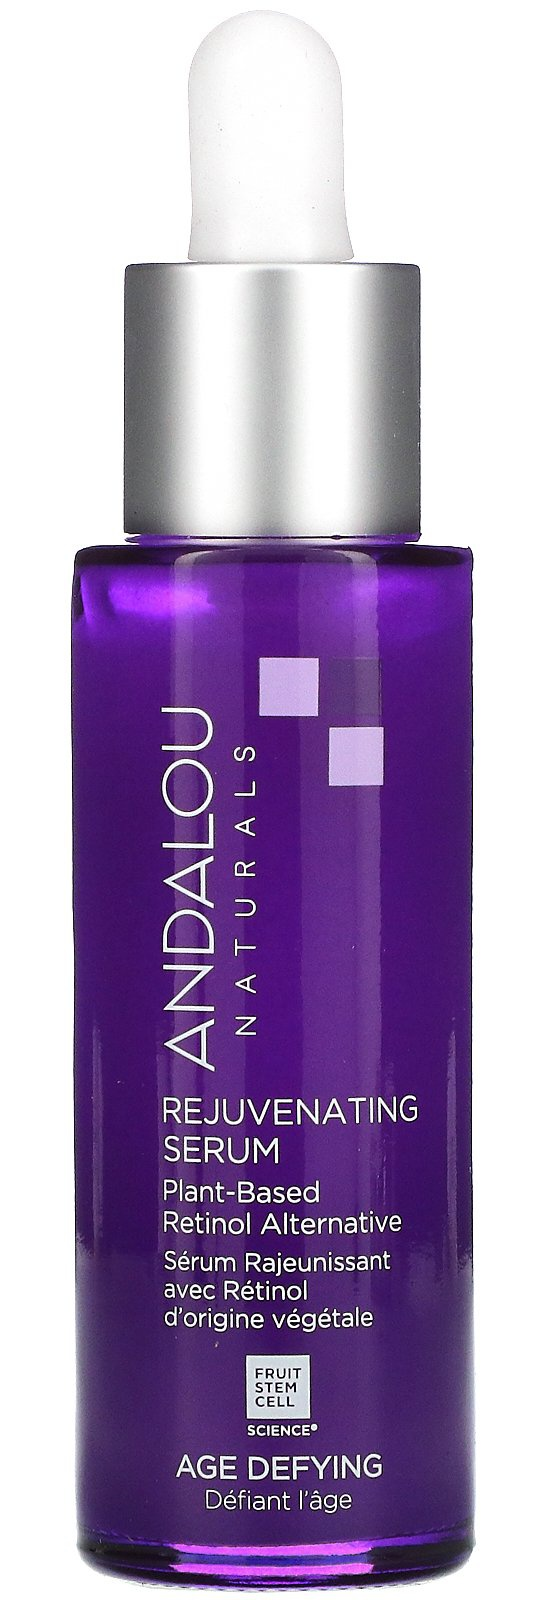 Andalou Naturals Rejuvenating Serum